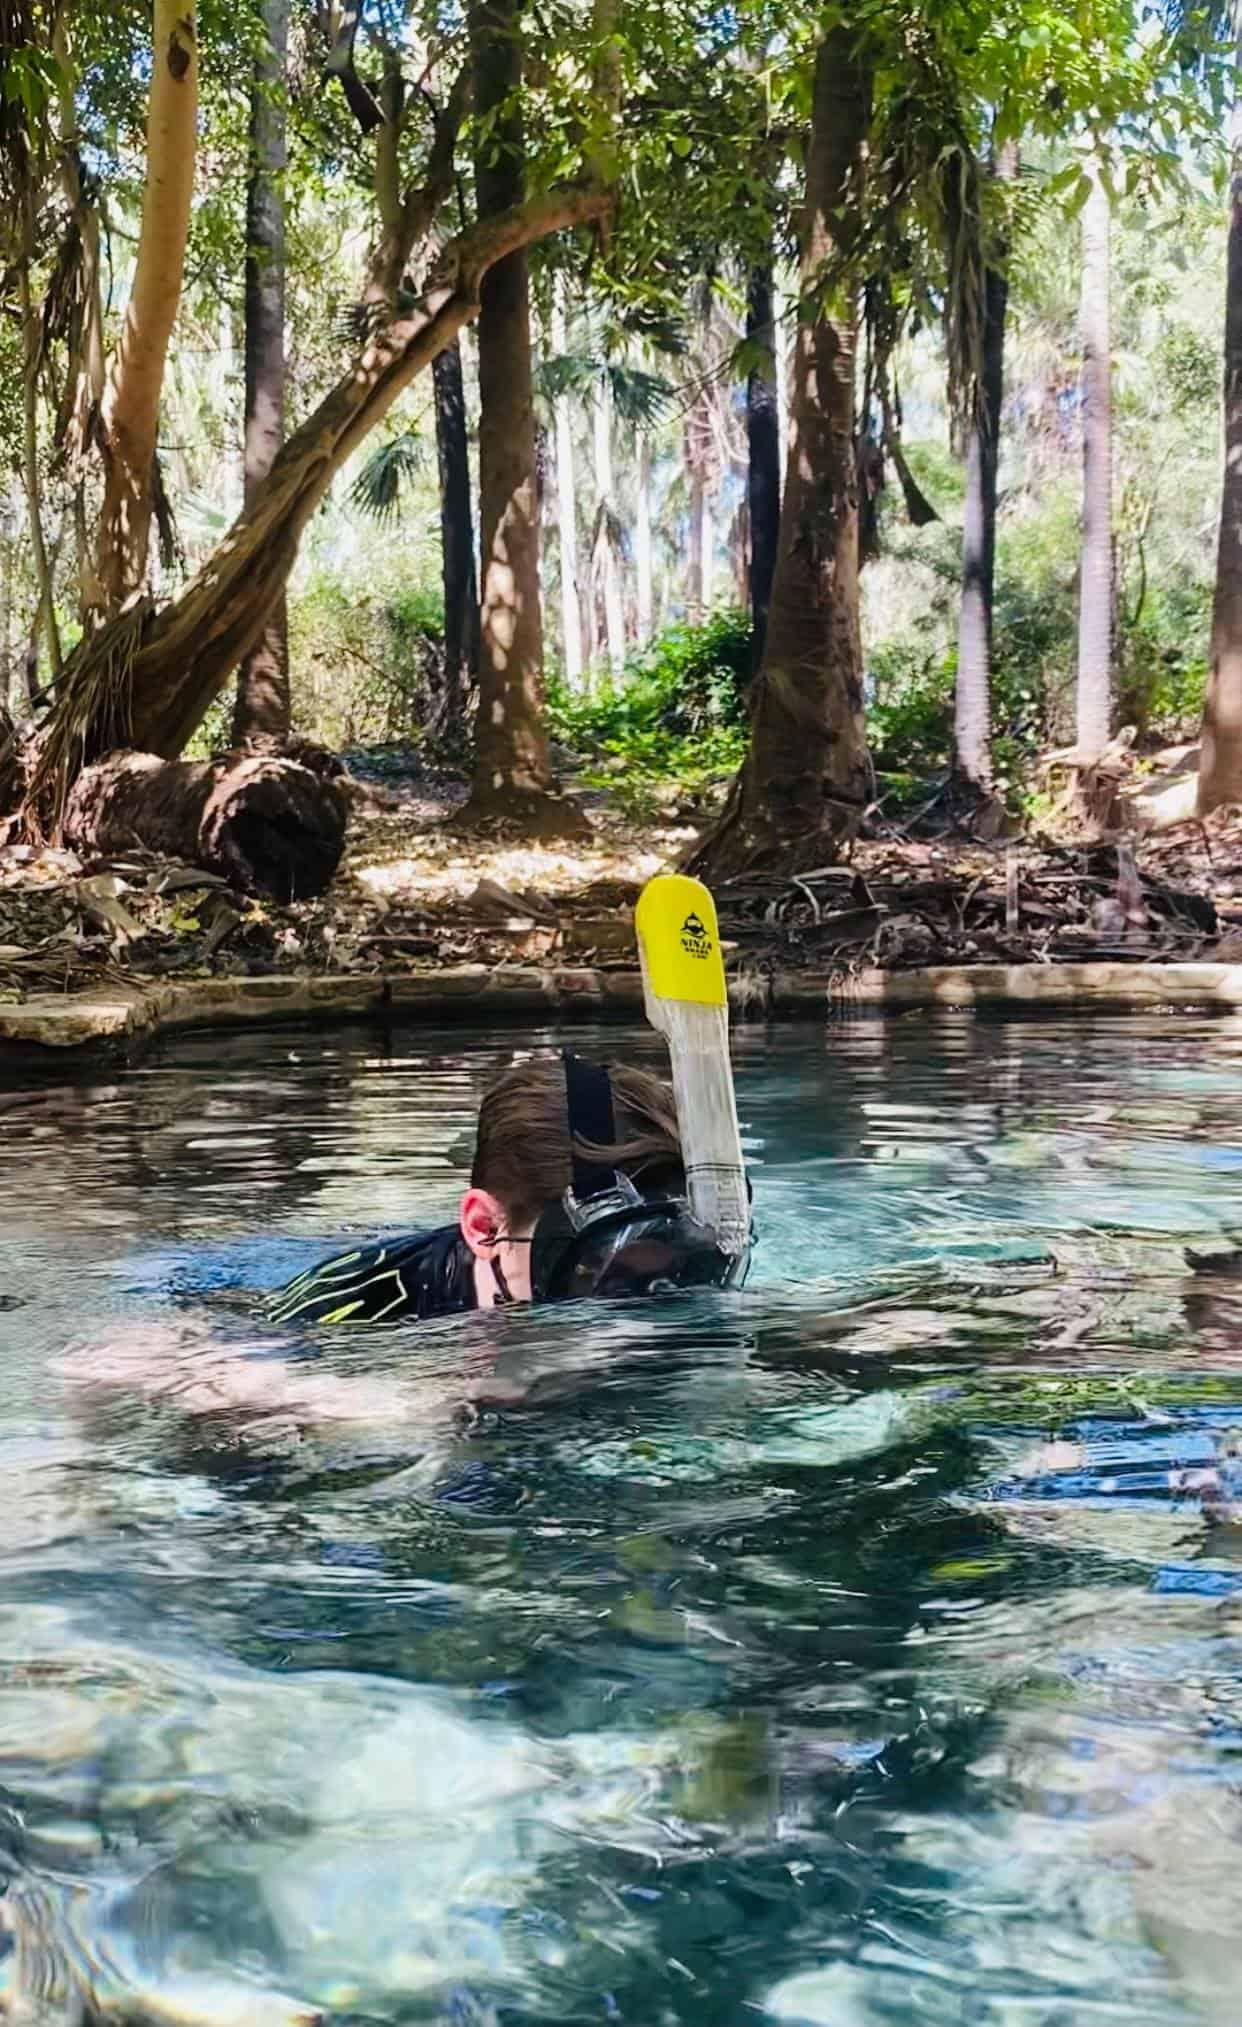 Using the Ninja Shark Full Face Snorkel Mask at Mataranka